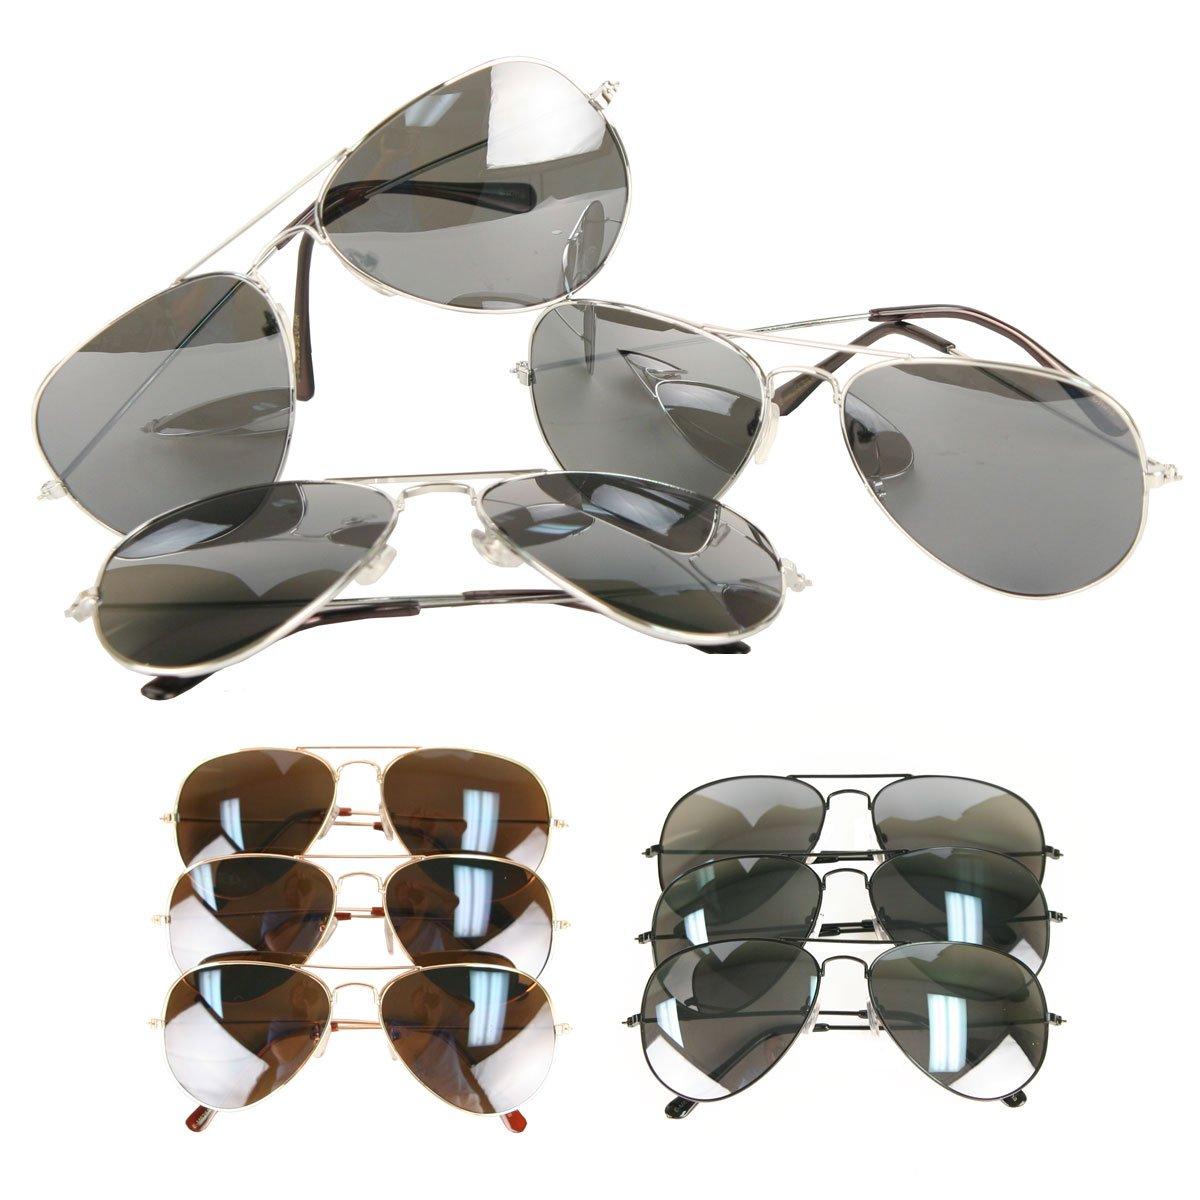 dadc5a0e94a Amazon.com  UB Classic Aviator Sunglasses 3-Packs  Reflective Lenses  Shoes